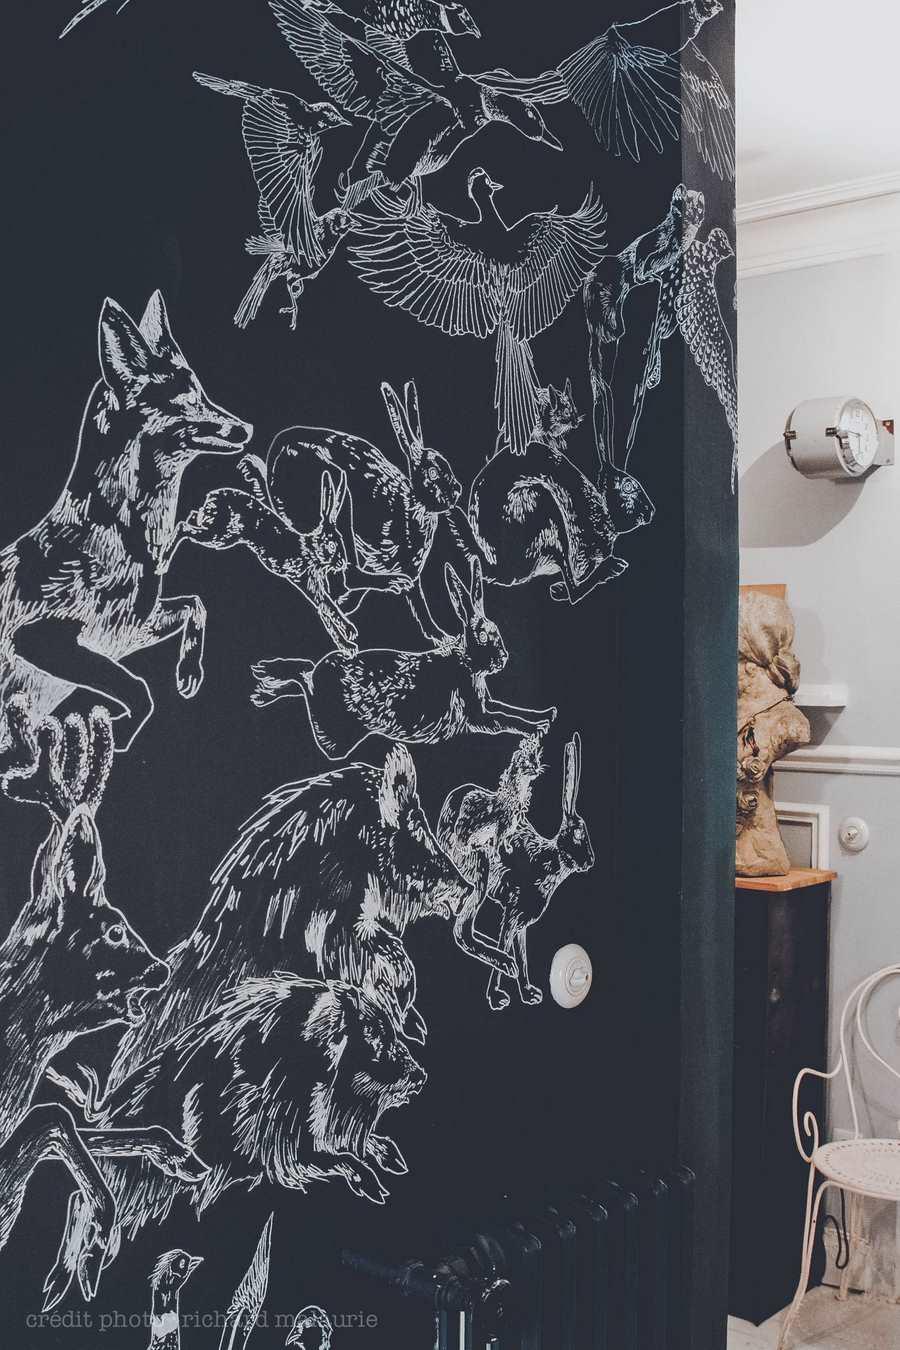 Les fresques murales de caddous alvarez une hirondelle for Decoration murale haussmannien